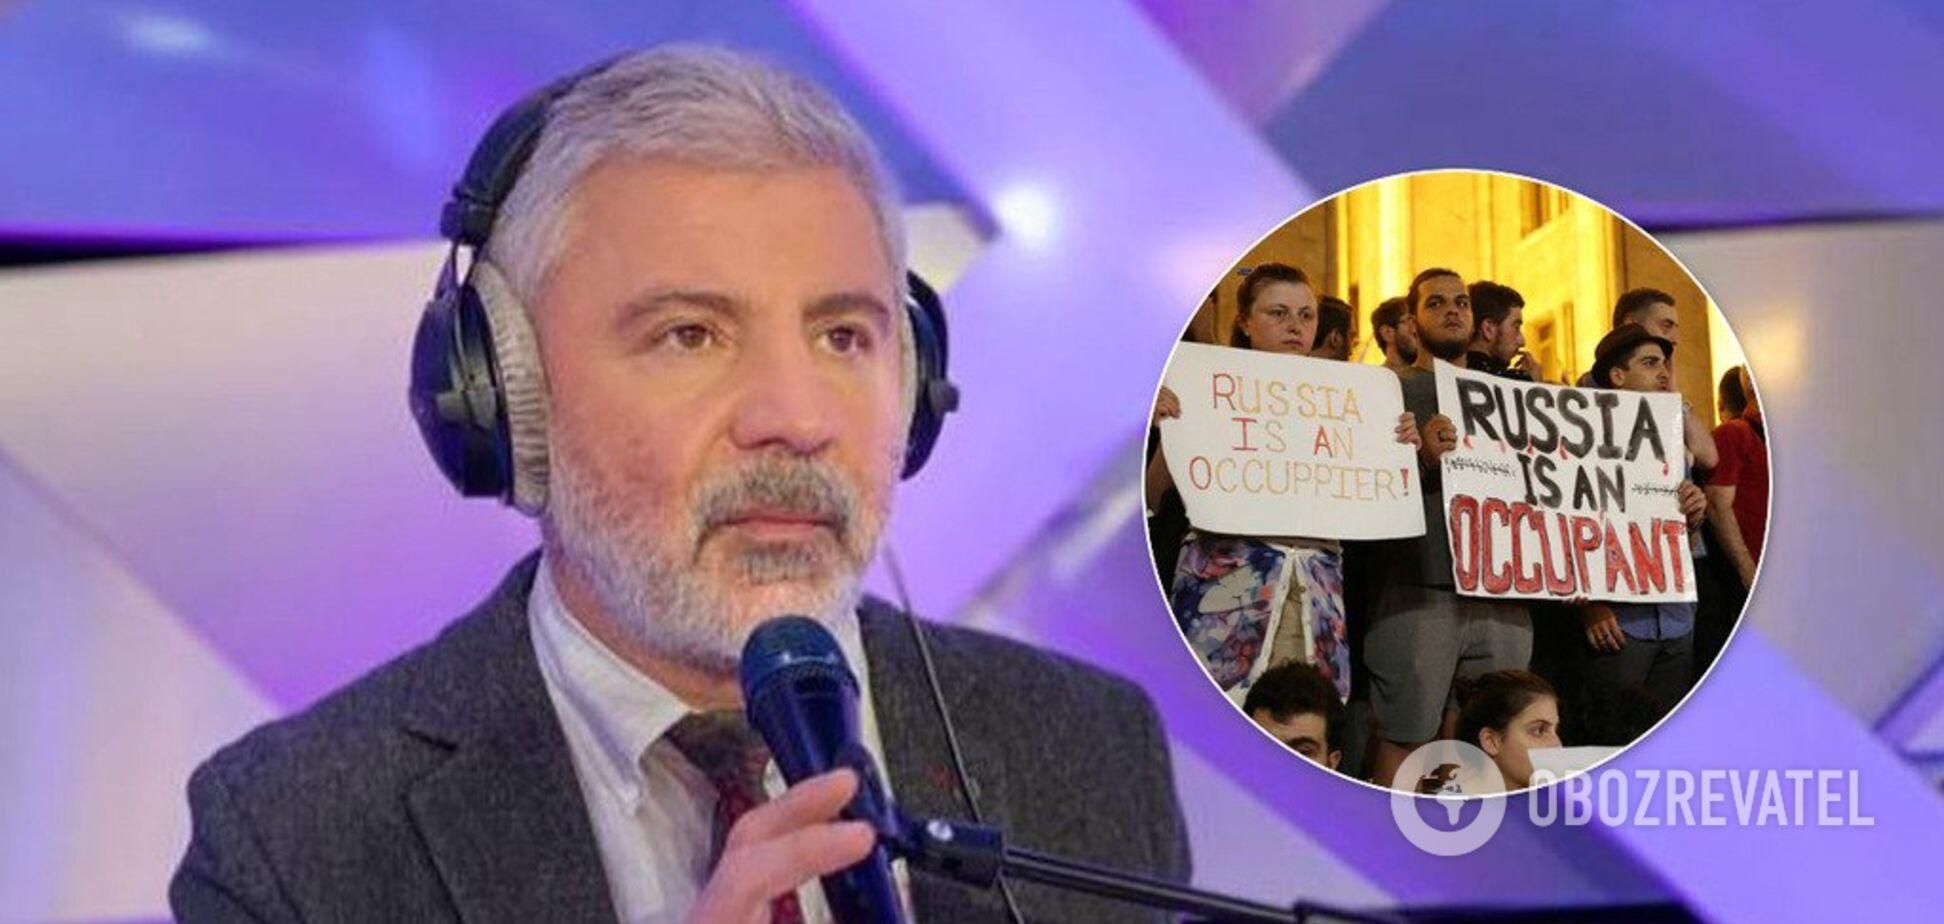 'Будет, как с Украиной!' Павлиашвили накинулся на протестующих в Грузии из-за России